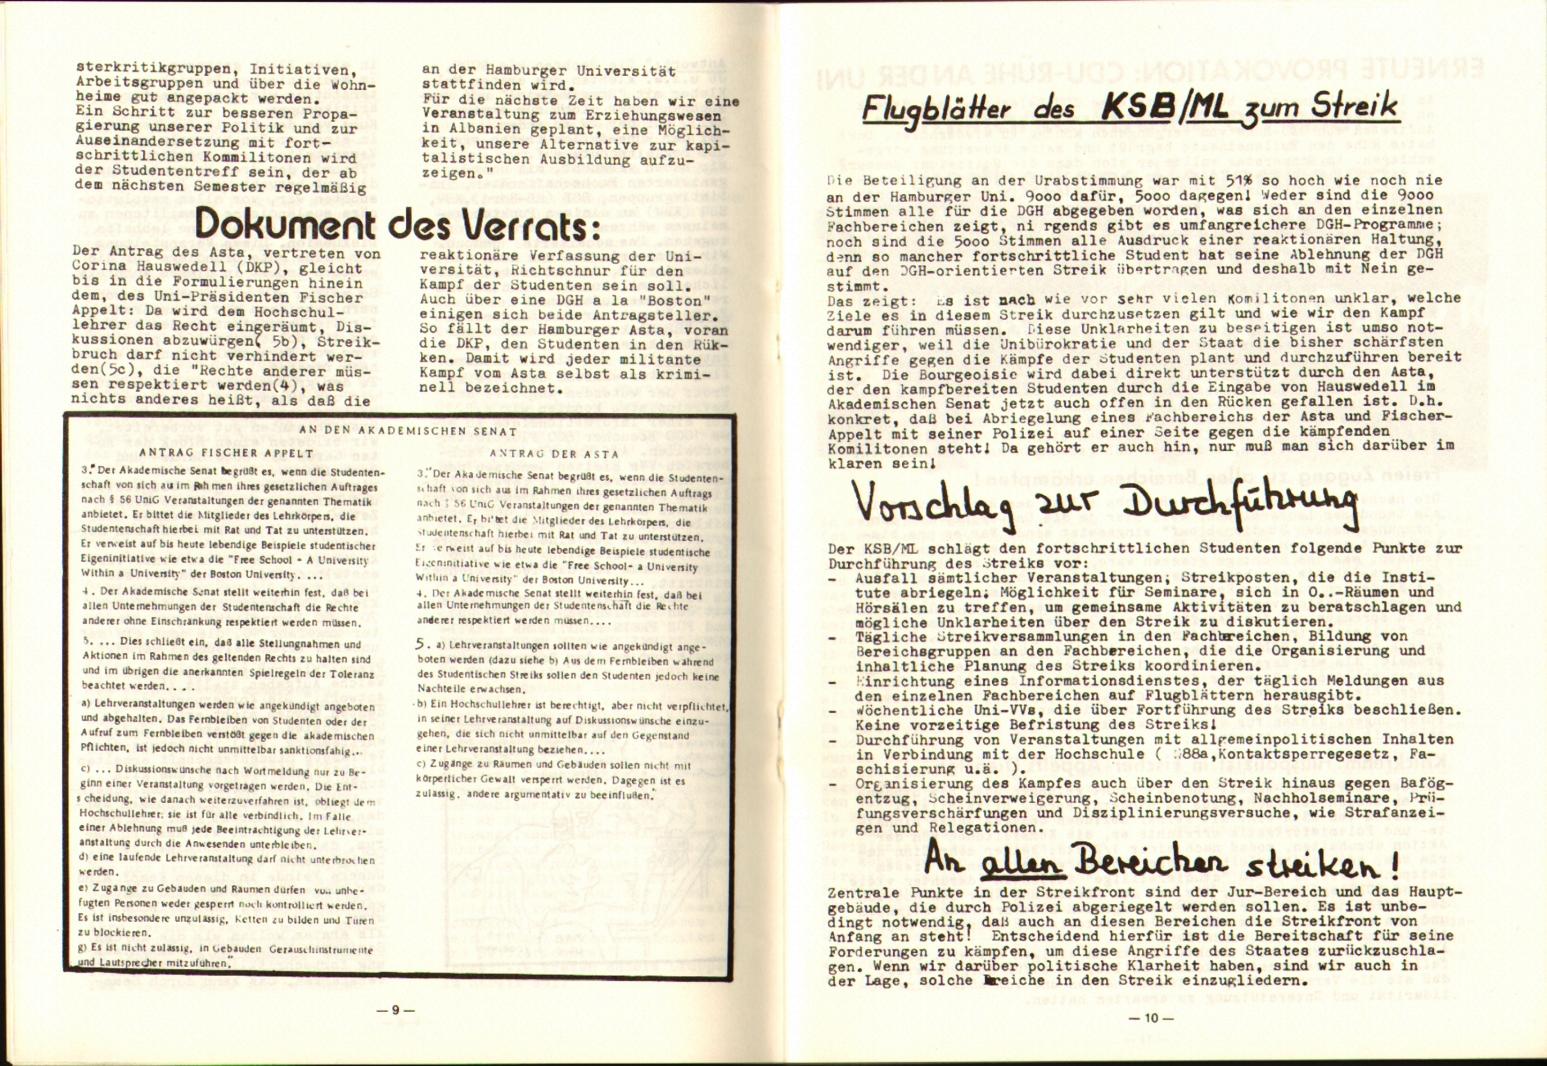 KSBML_1978_Streikdokumentation_WS_77_78_06